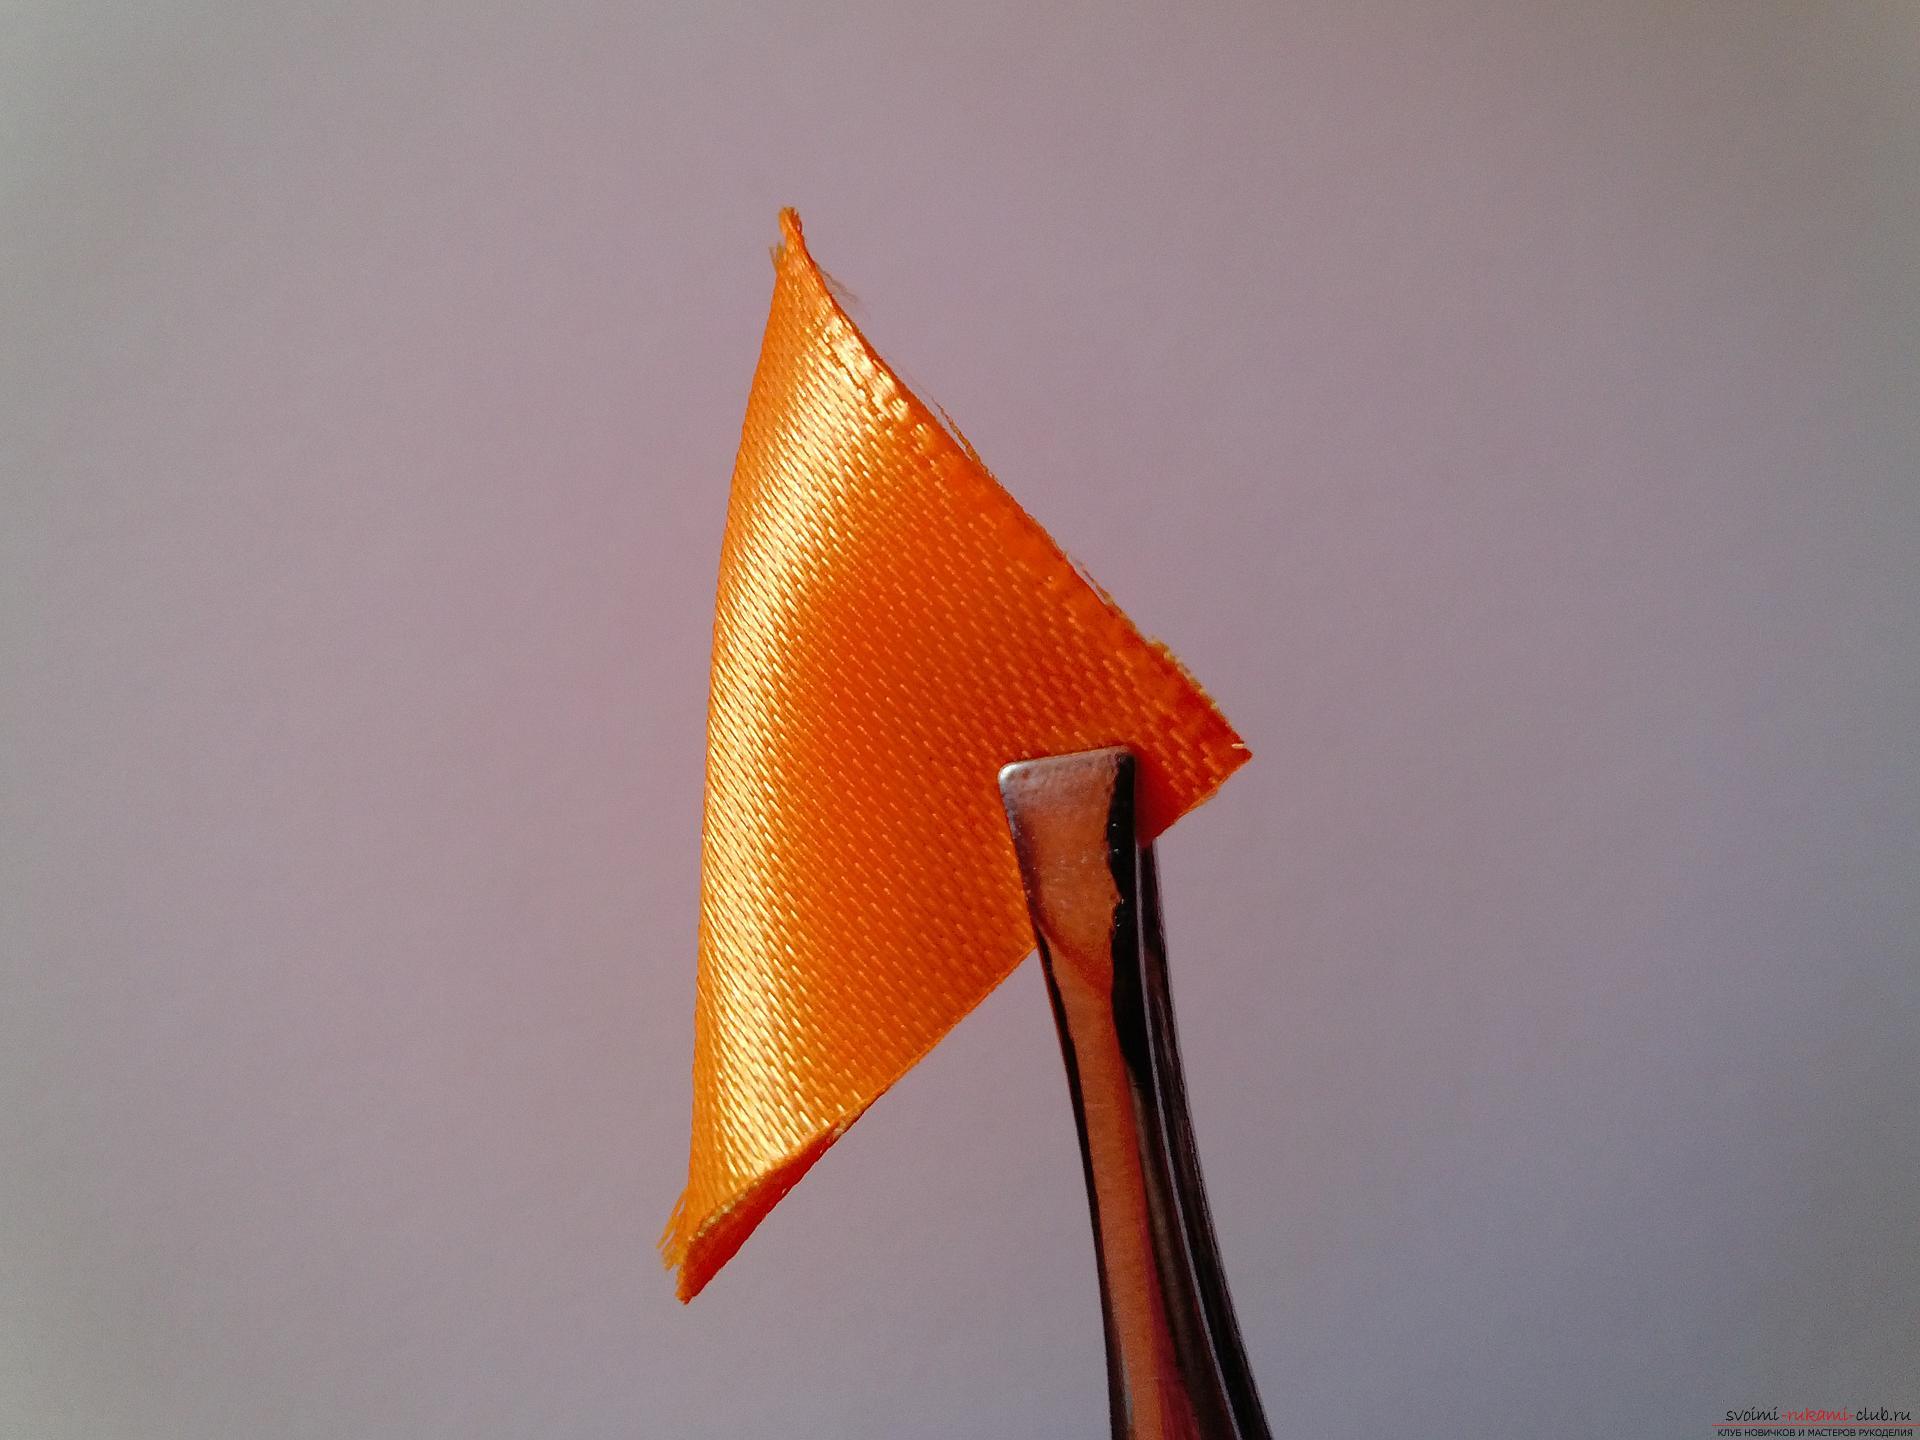 Этот мастер-класс научит как сделать брошь из георгиевской ленты, оригинально украсят которую цветы канзаши.. Фото №4